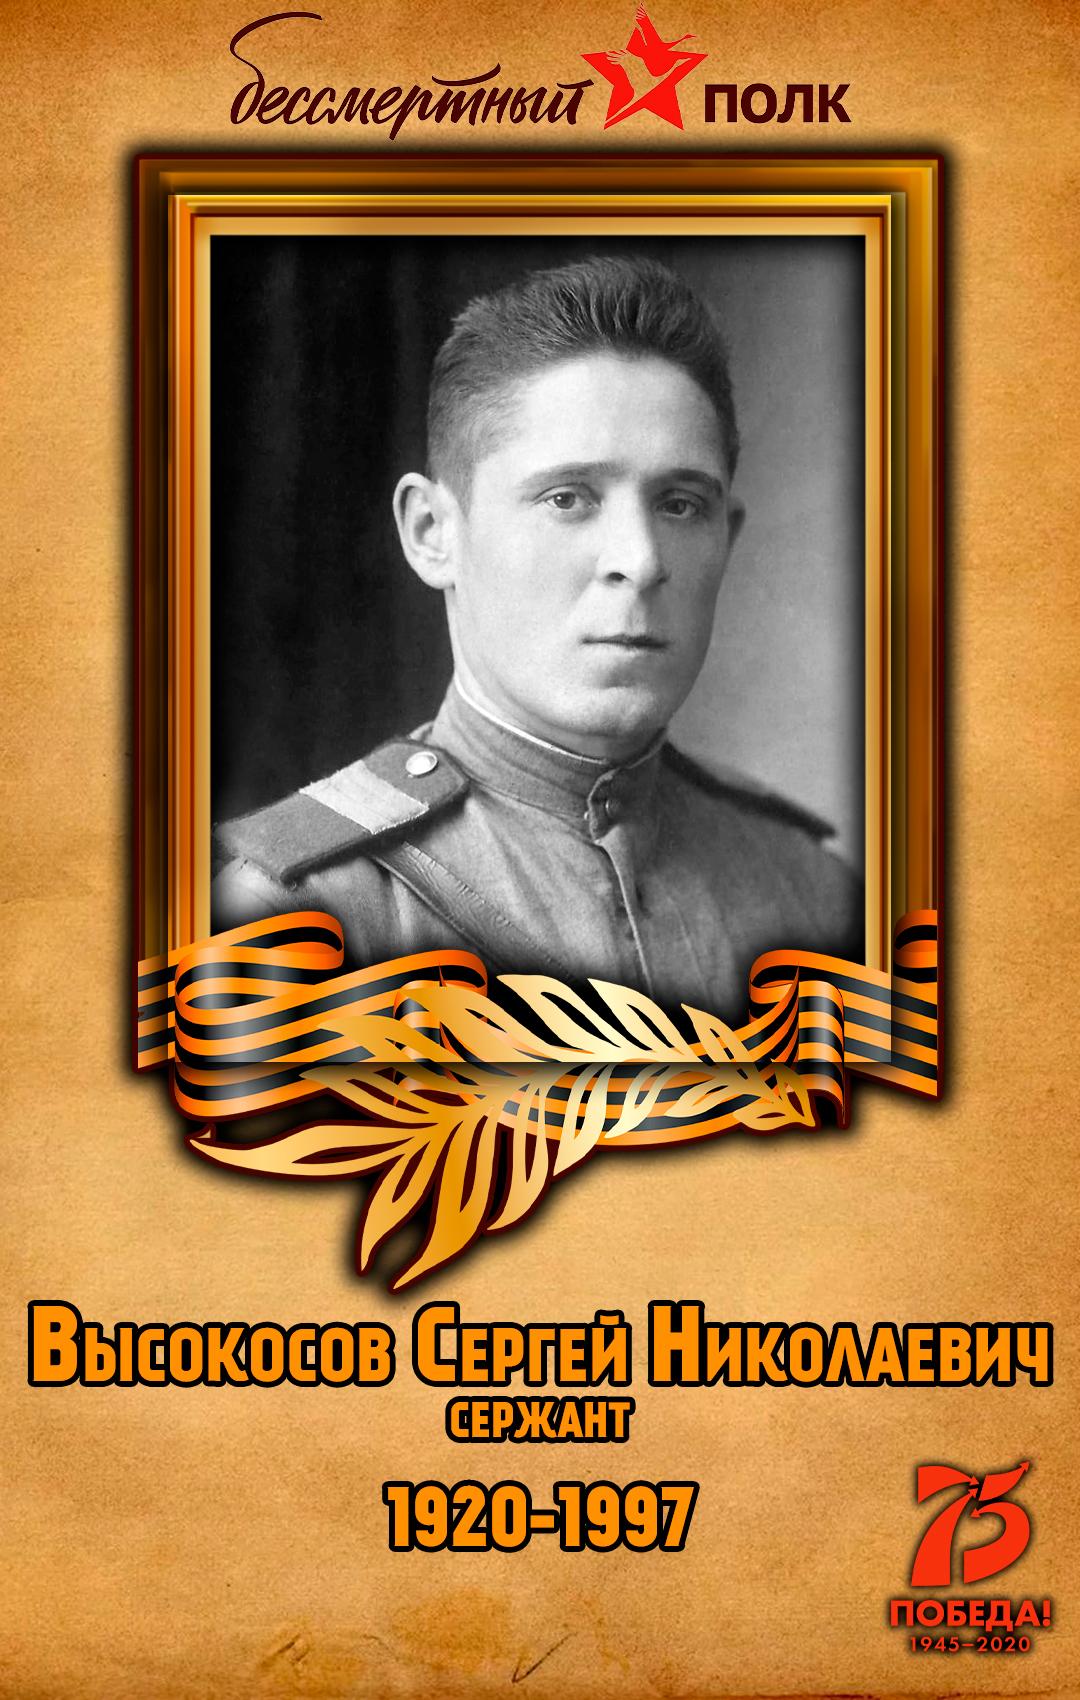 Высокосов-Сергей-Николаевич